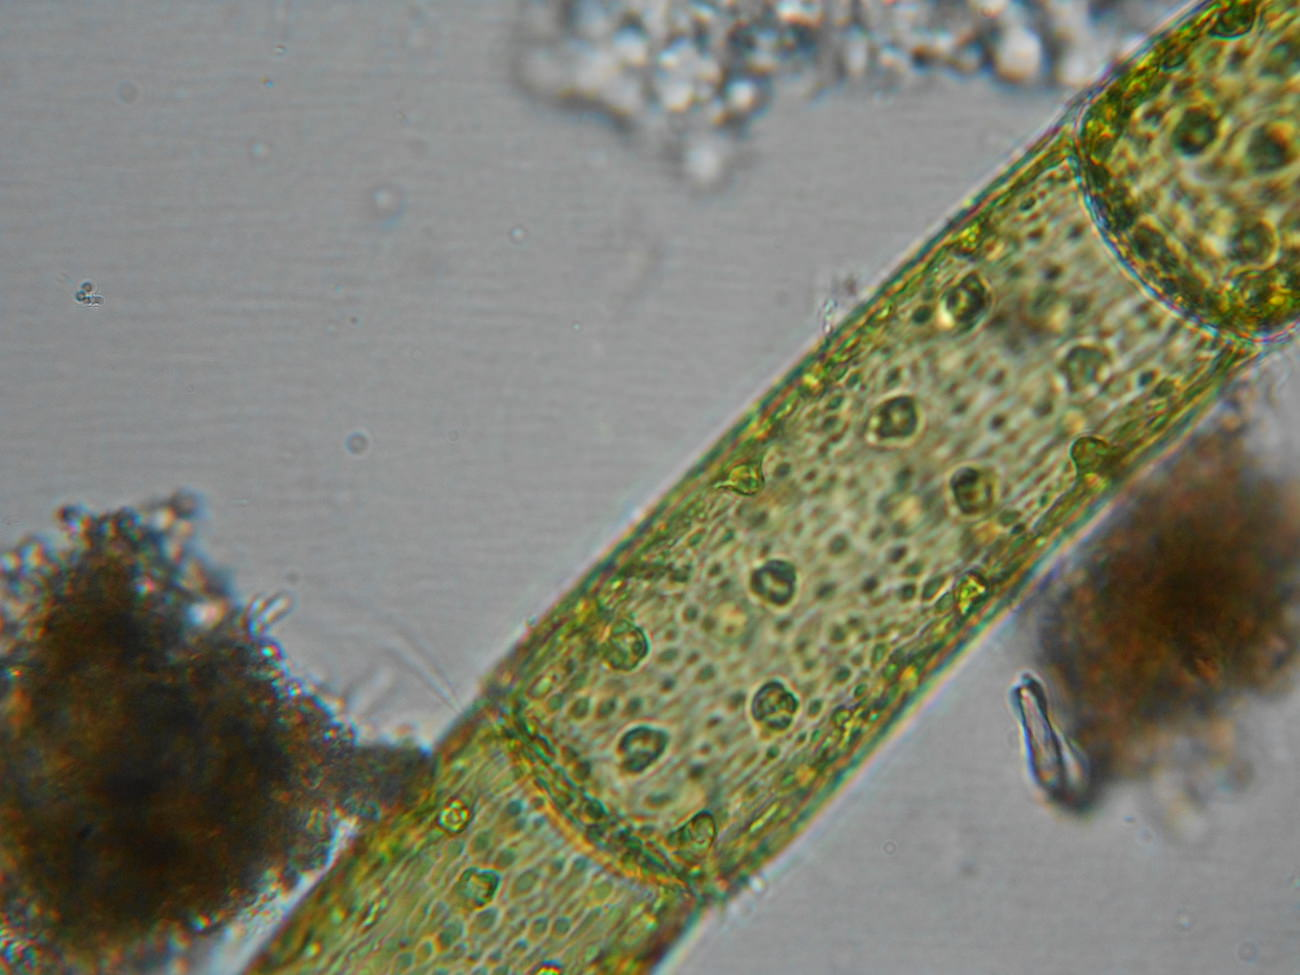 アオミドロの顕微鏡写真ミクロ観察6